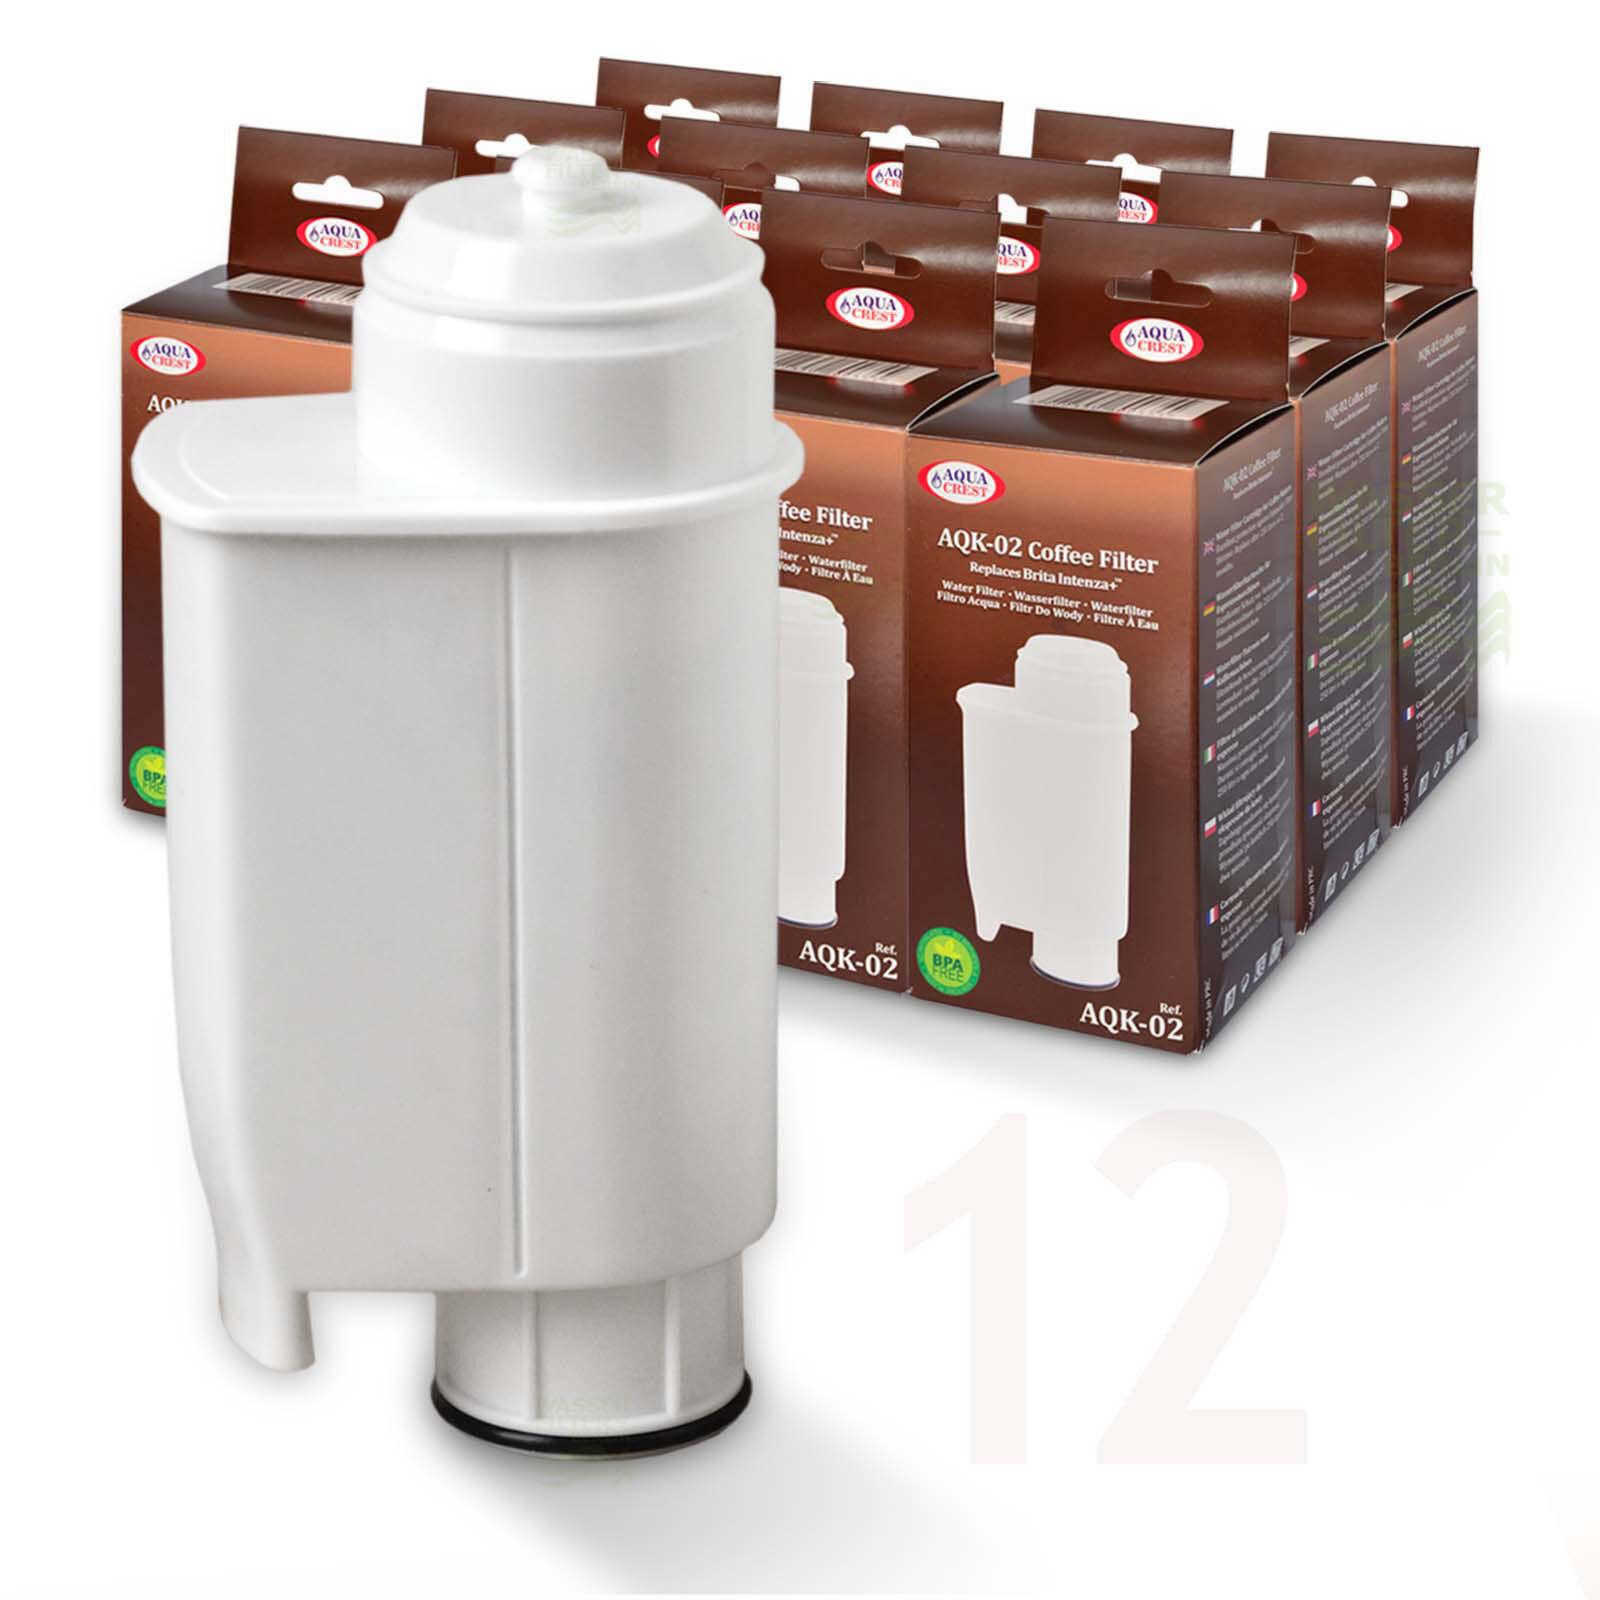 12x Intenza + compatibile, Filtro Acqua per SAECO, Phillips kaffeemasch.